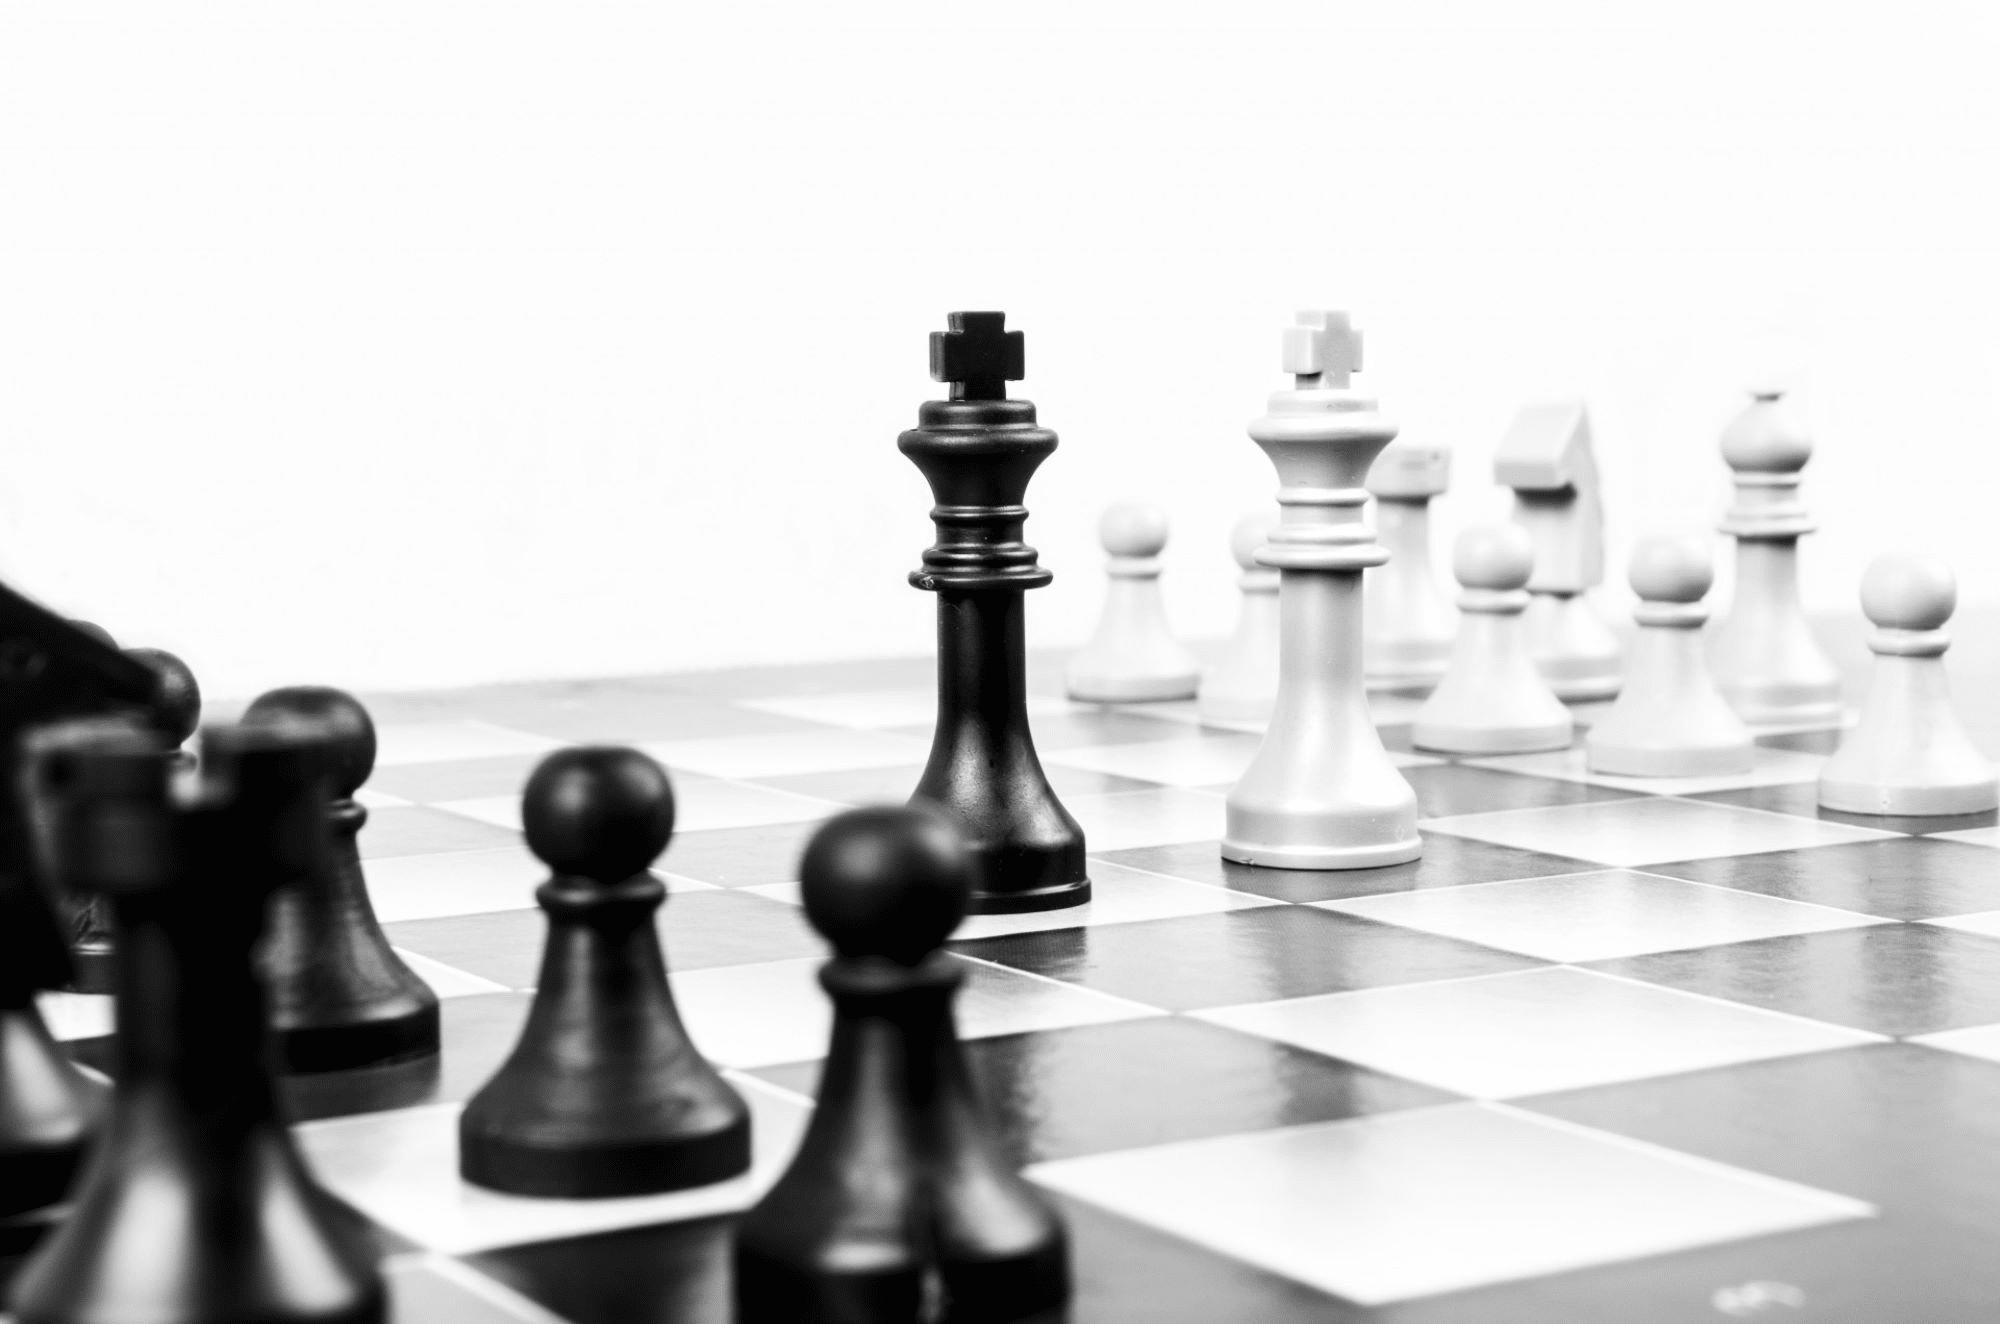 Toekomstbestendige organisatie | Toekomstscenario's | 3 cases